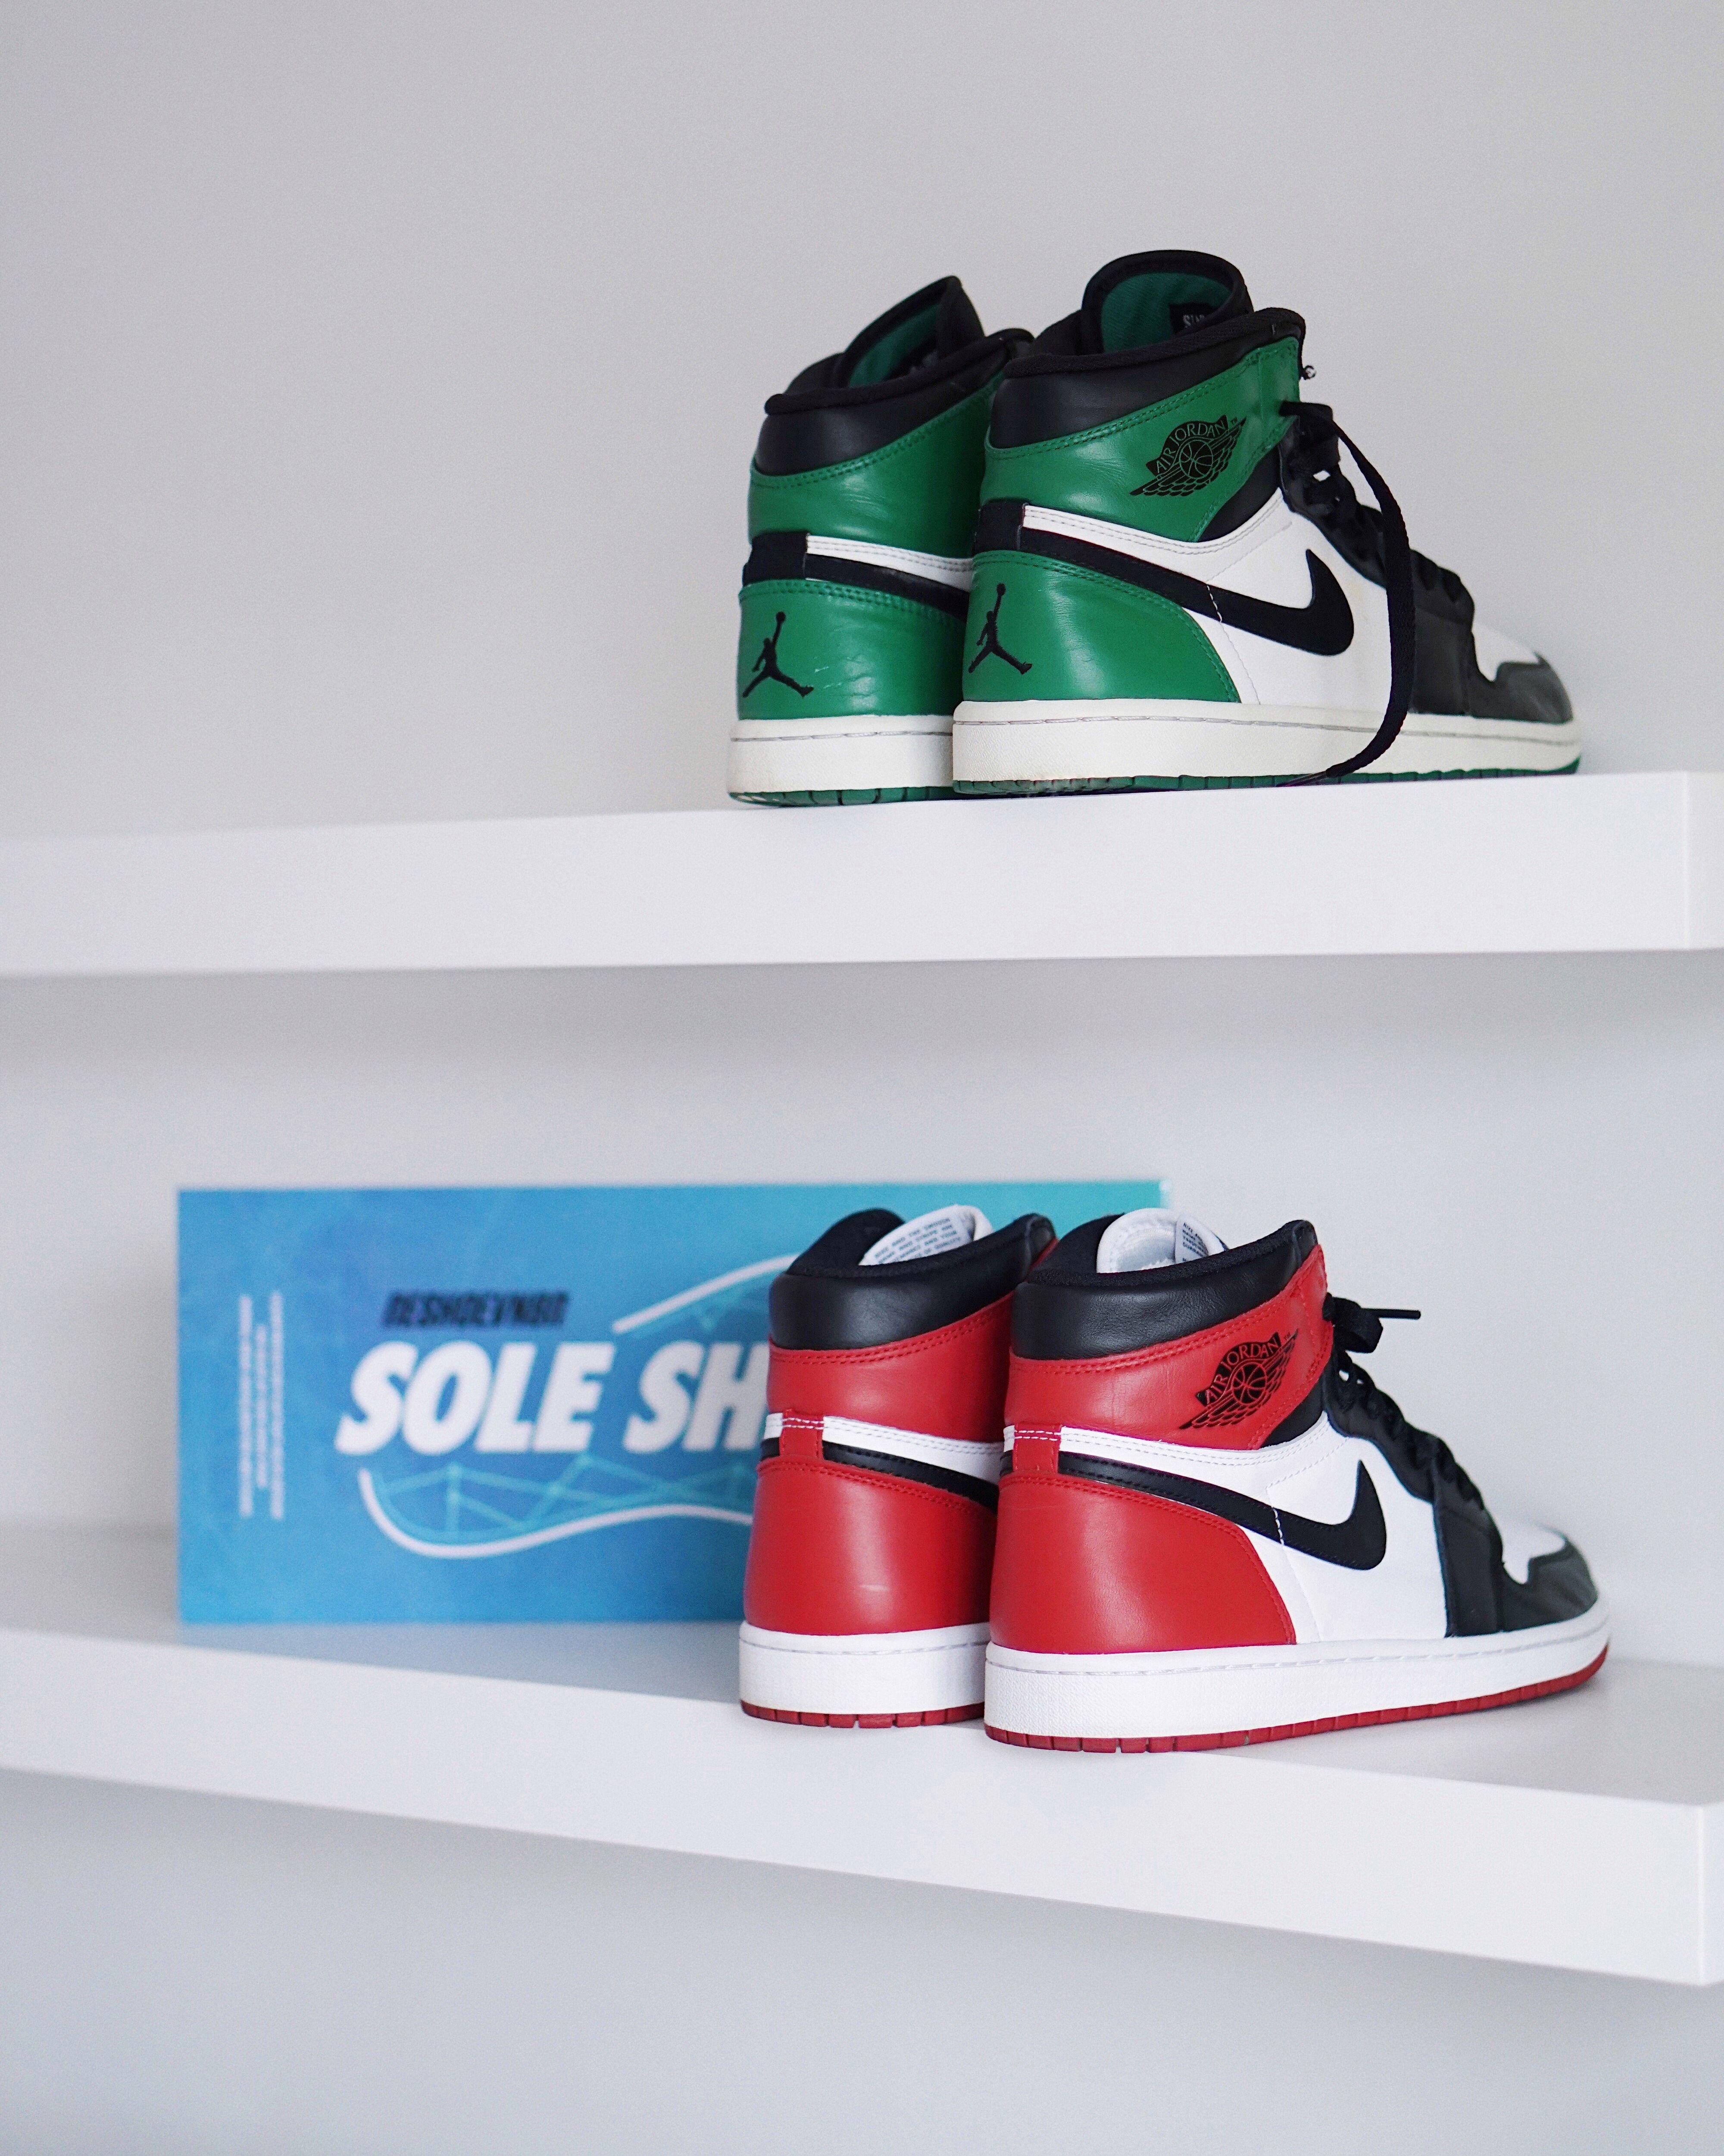 Sole Shields Shoes Shoe Care Sole